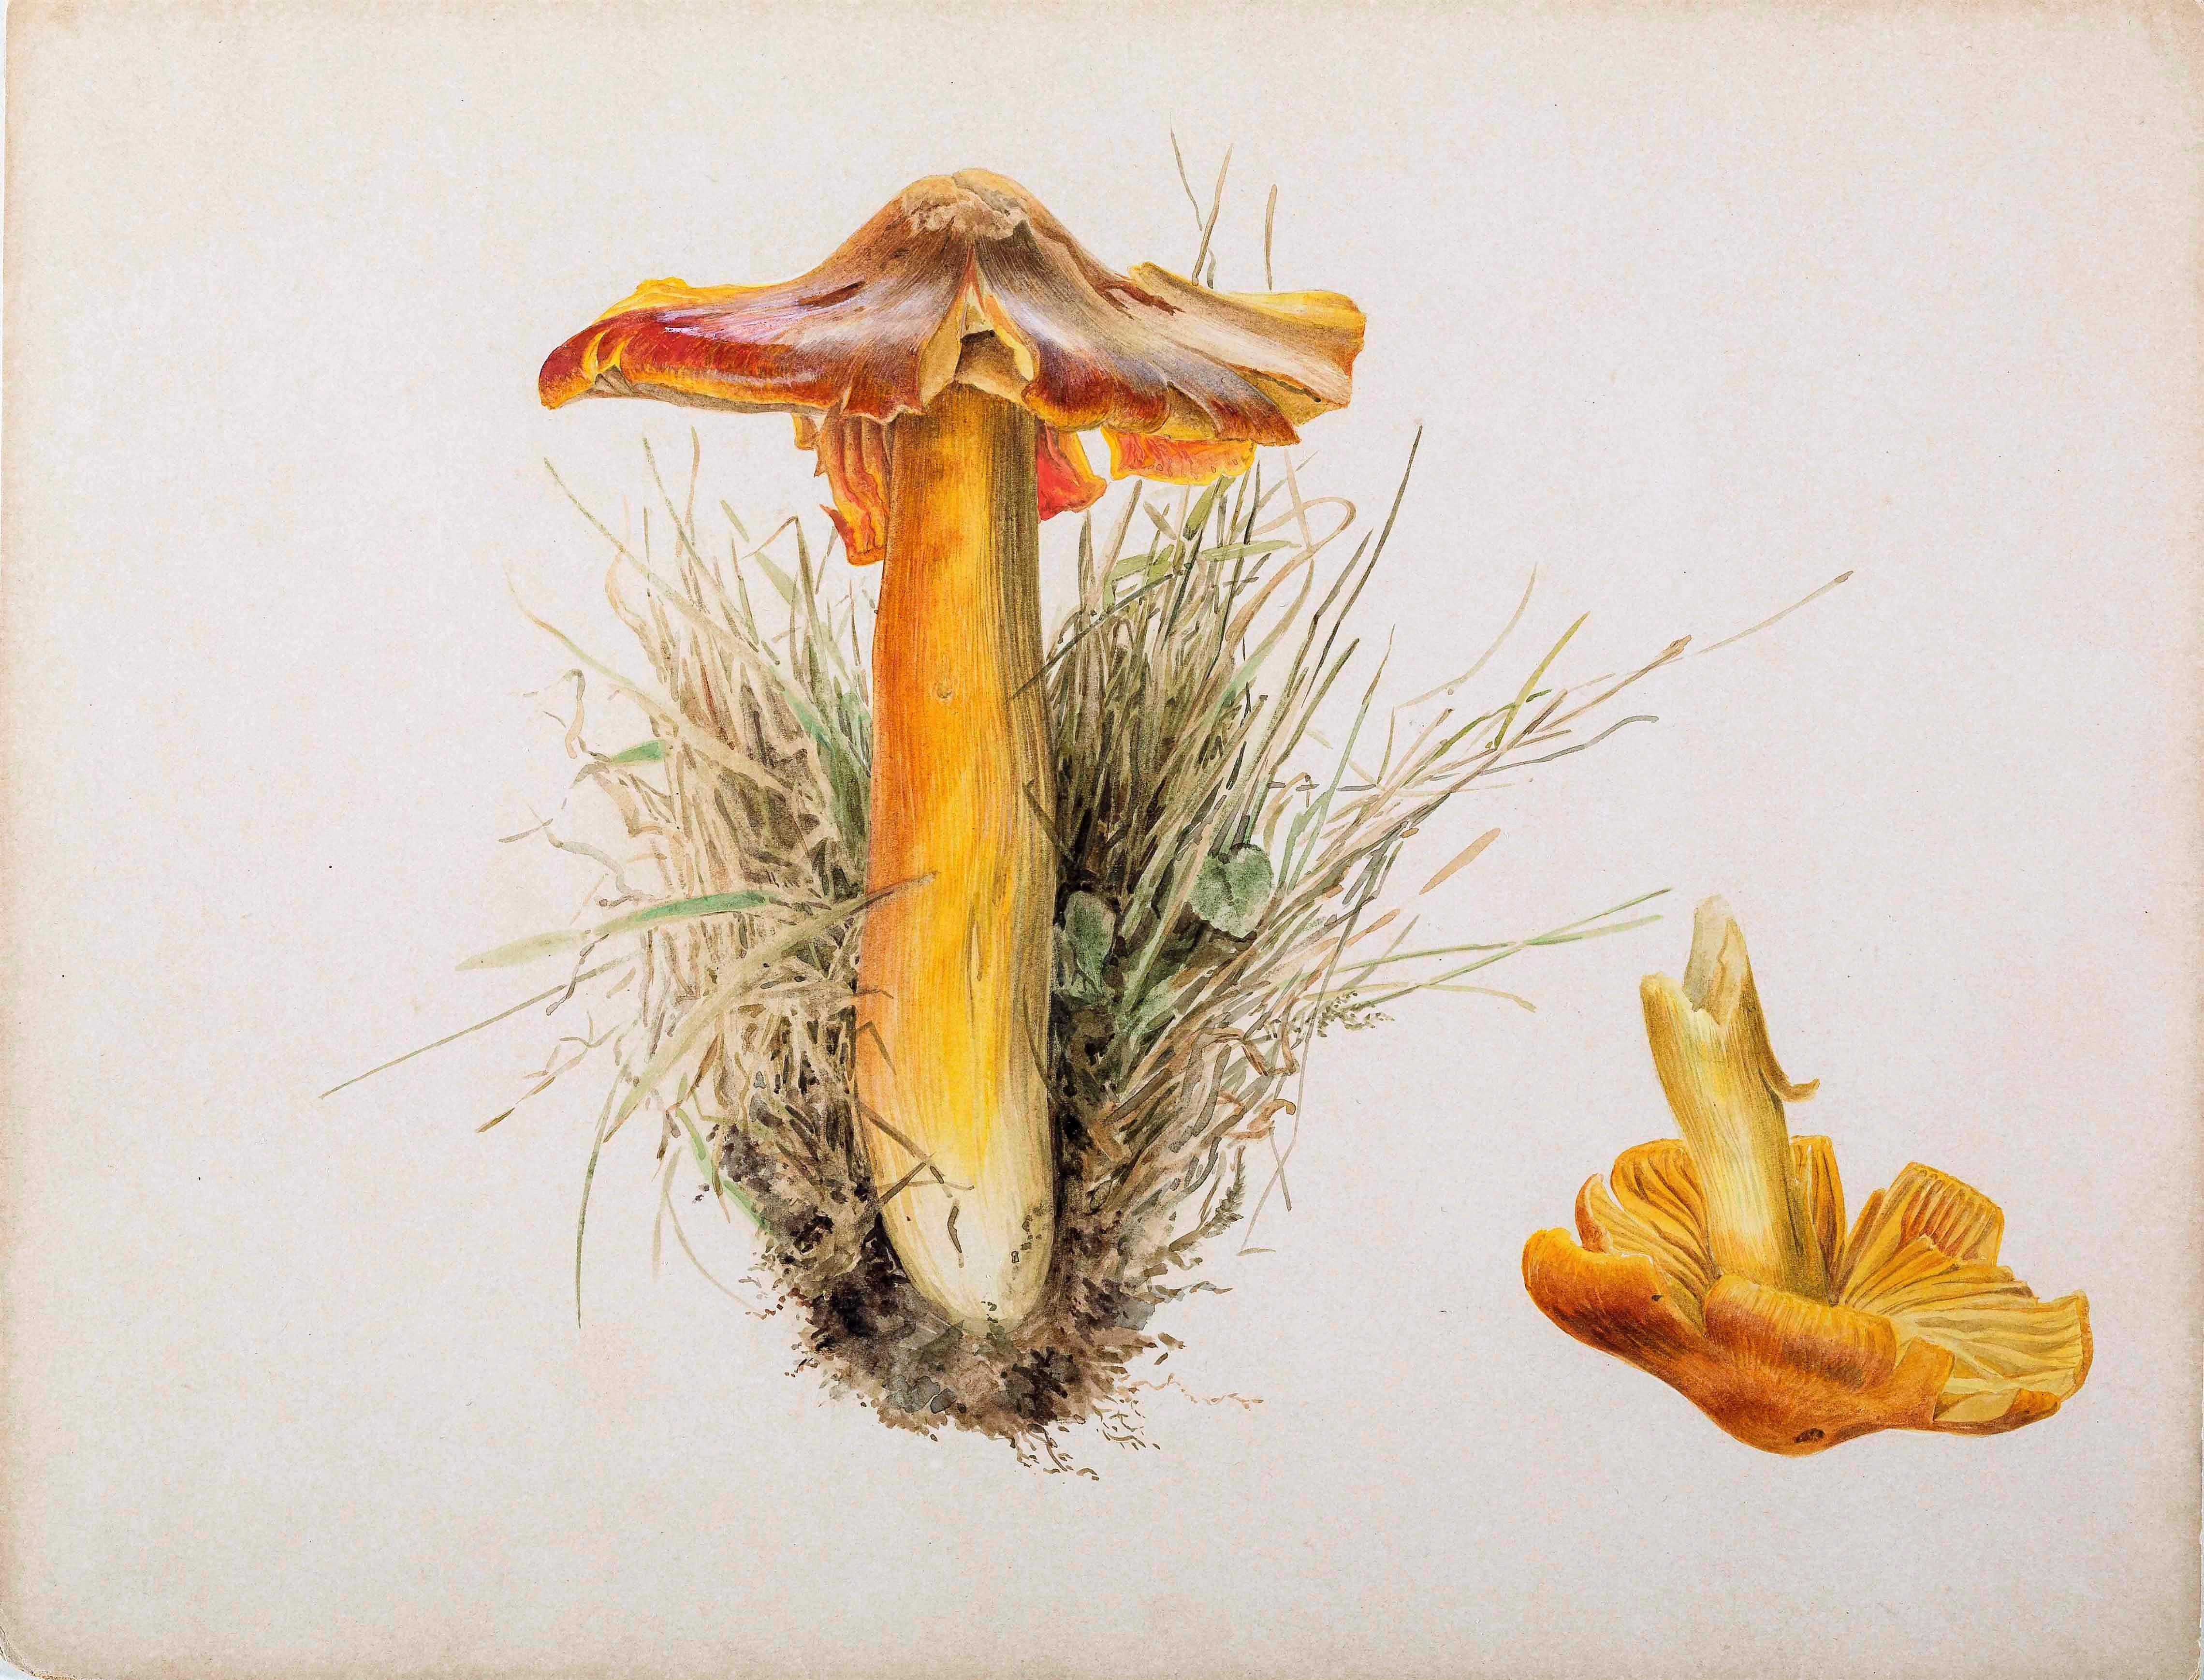 Beatrix Potter, Hygrophorus puniceus, pencil and watercolour, 7.10.1894